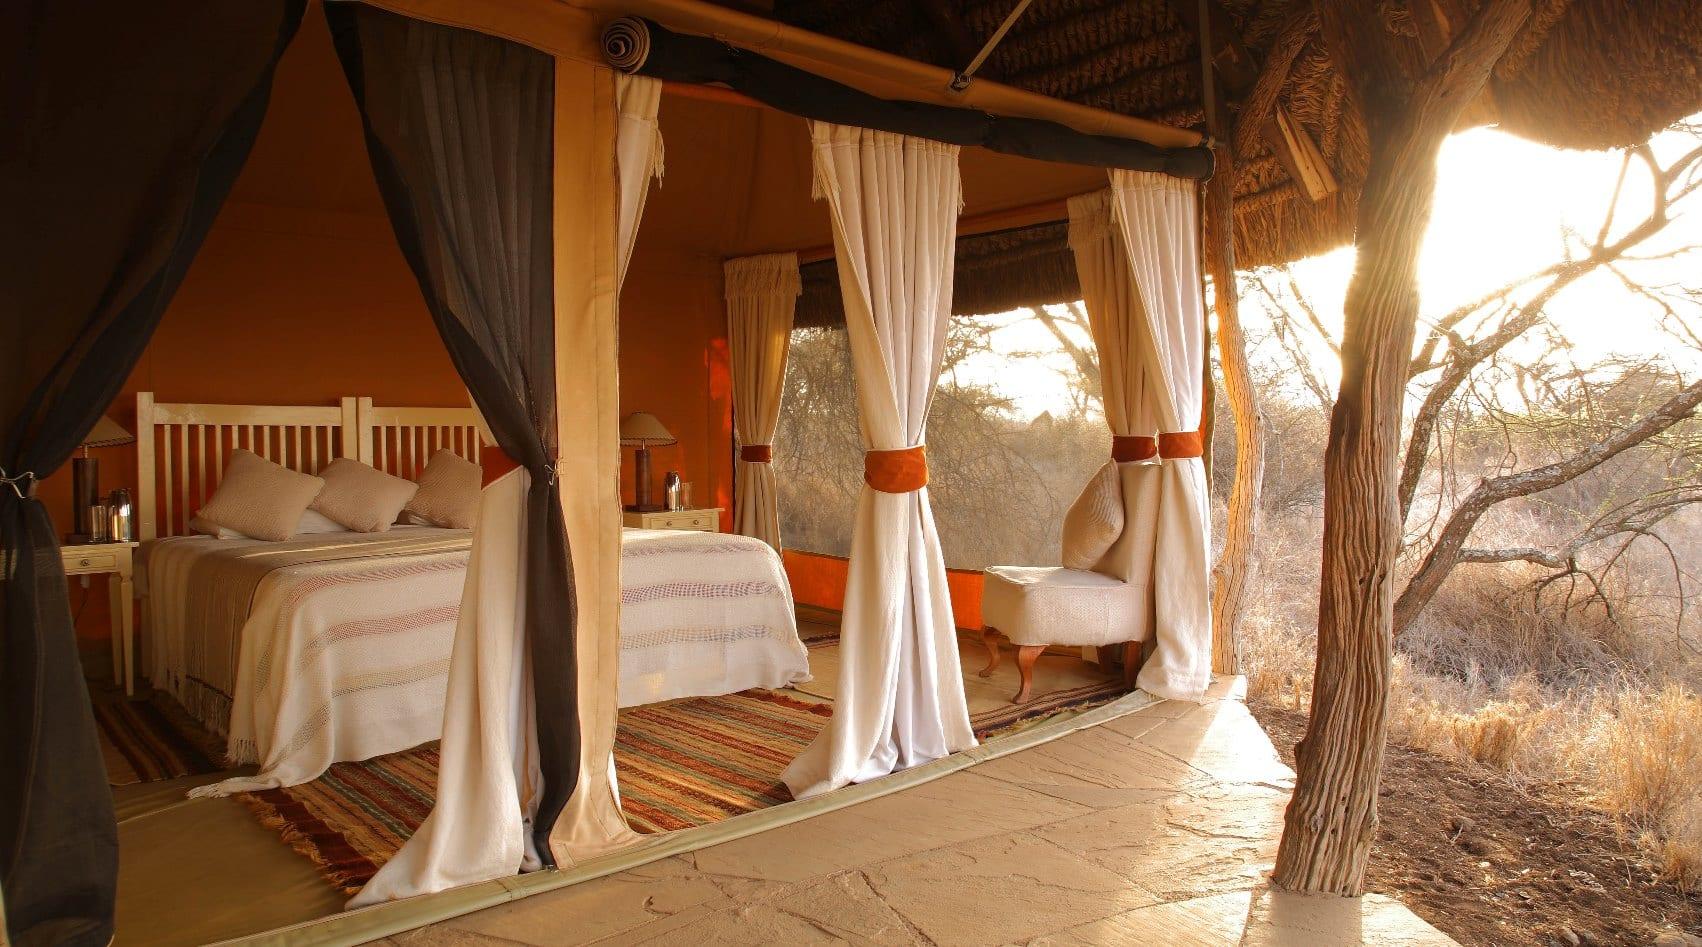 Elewana Lewa Safari Camp Double Tent